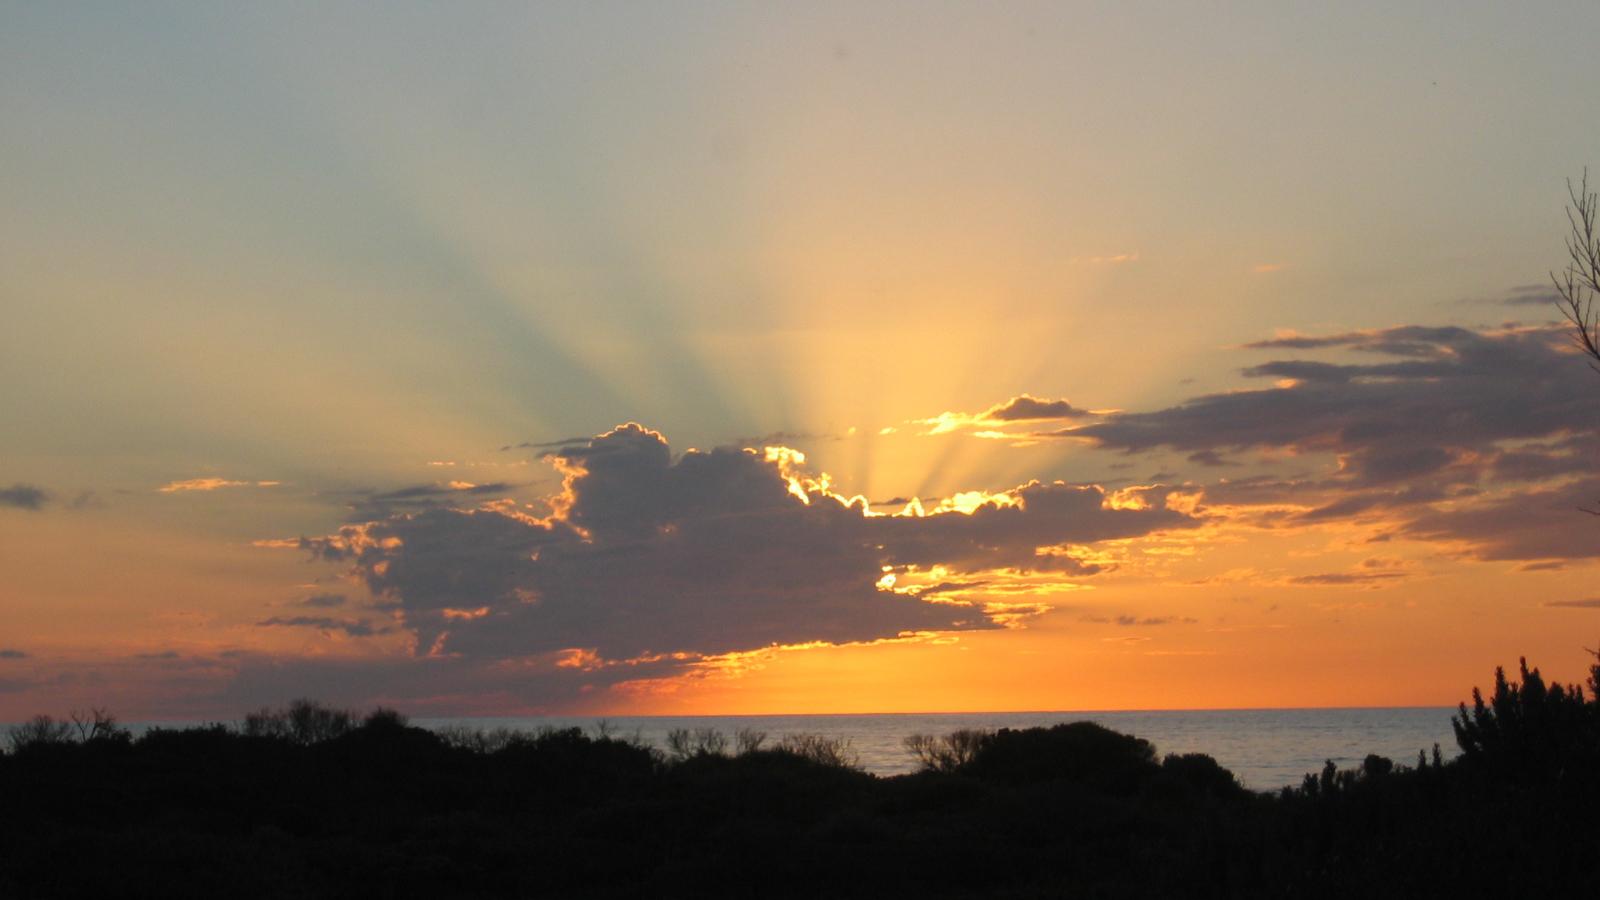 Oberon Bay Sunset